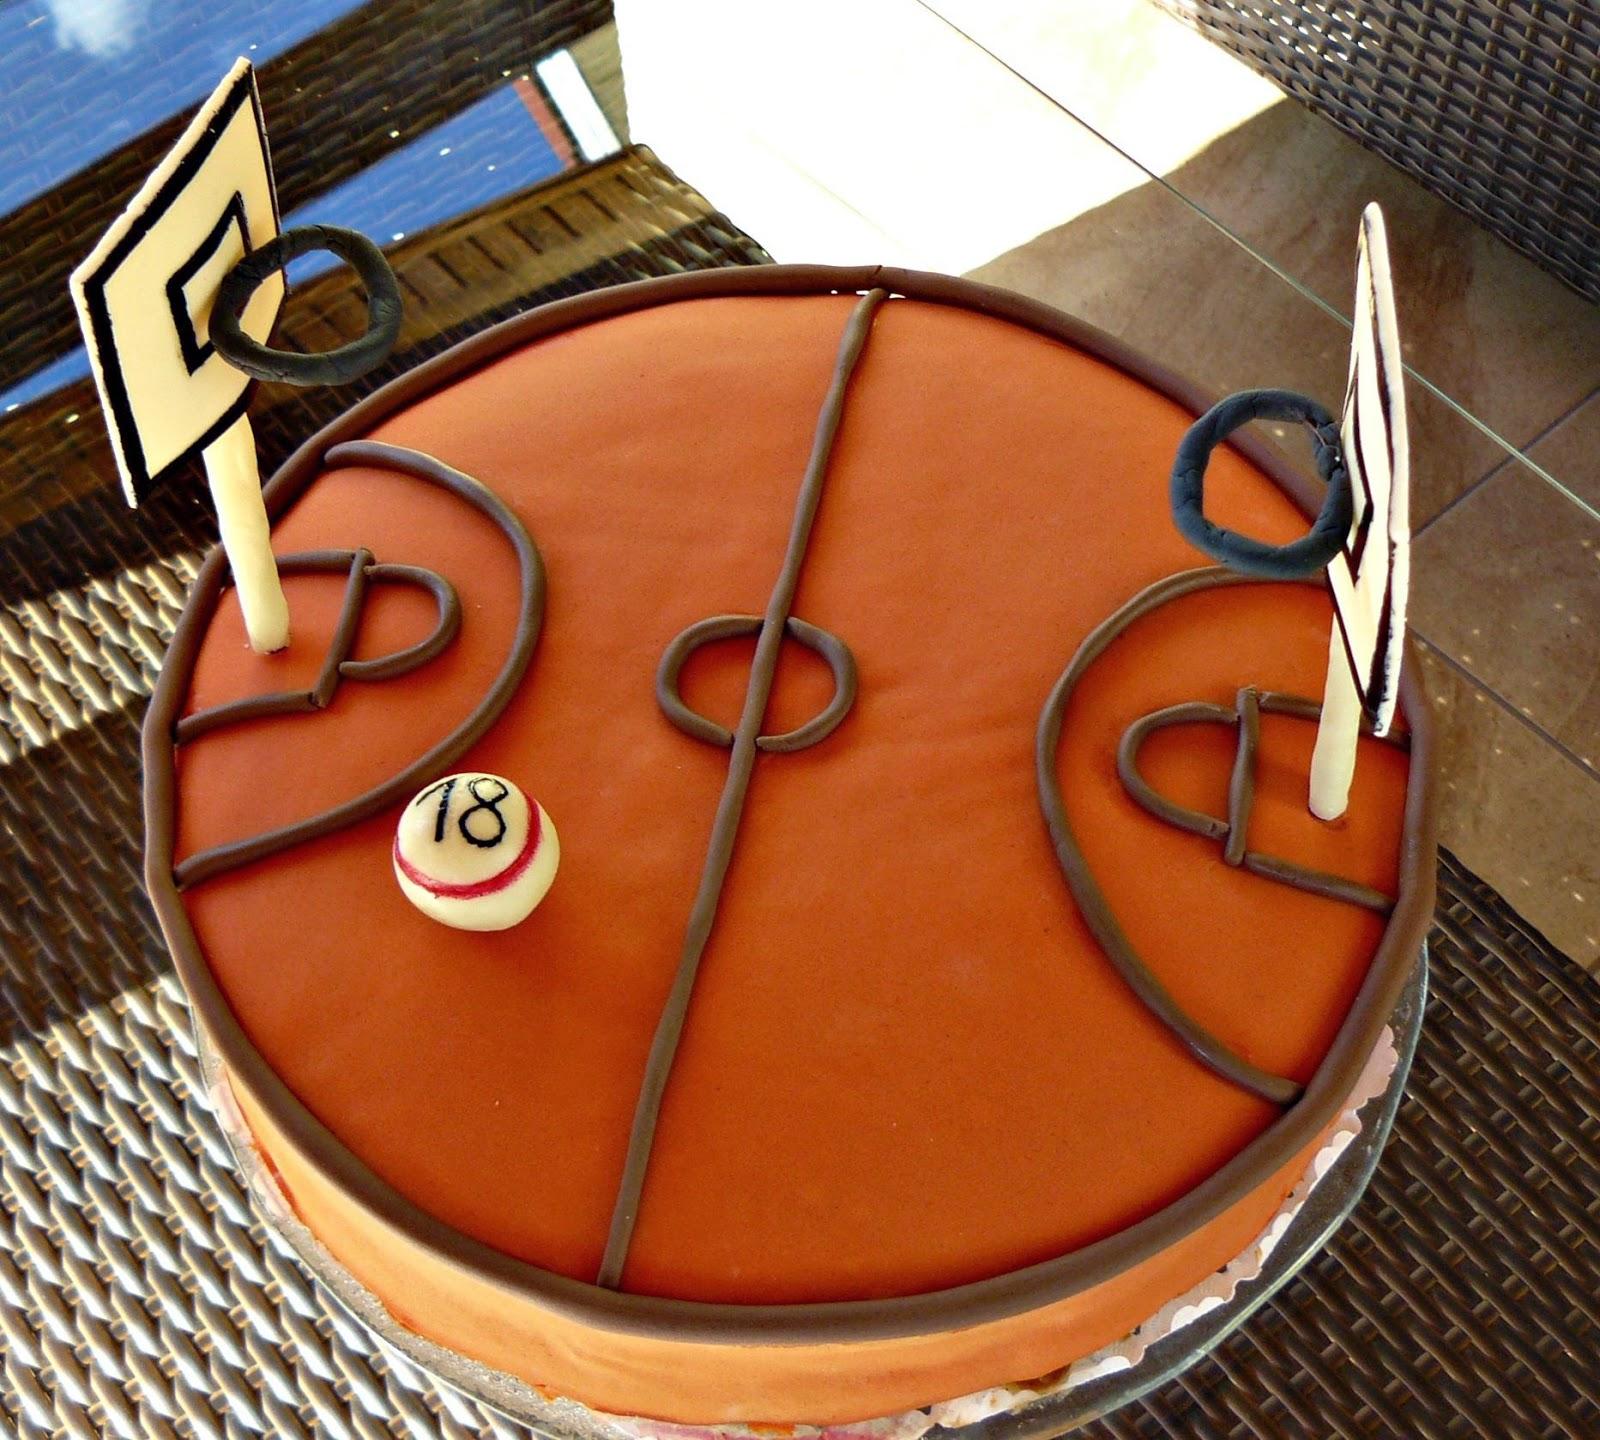 kosárlabda torta képek SÜTIK BIRODALMA: Kosárlabda pálya torta kosárlabda torta képek